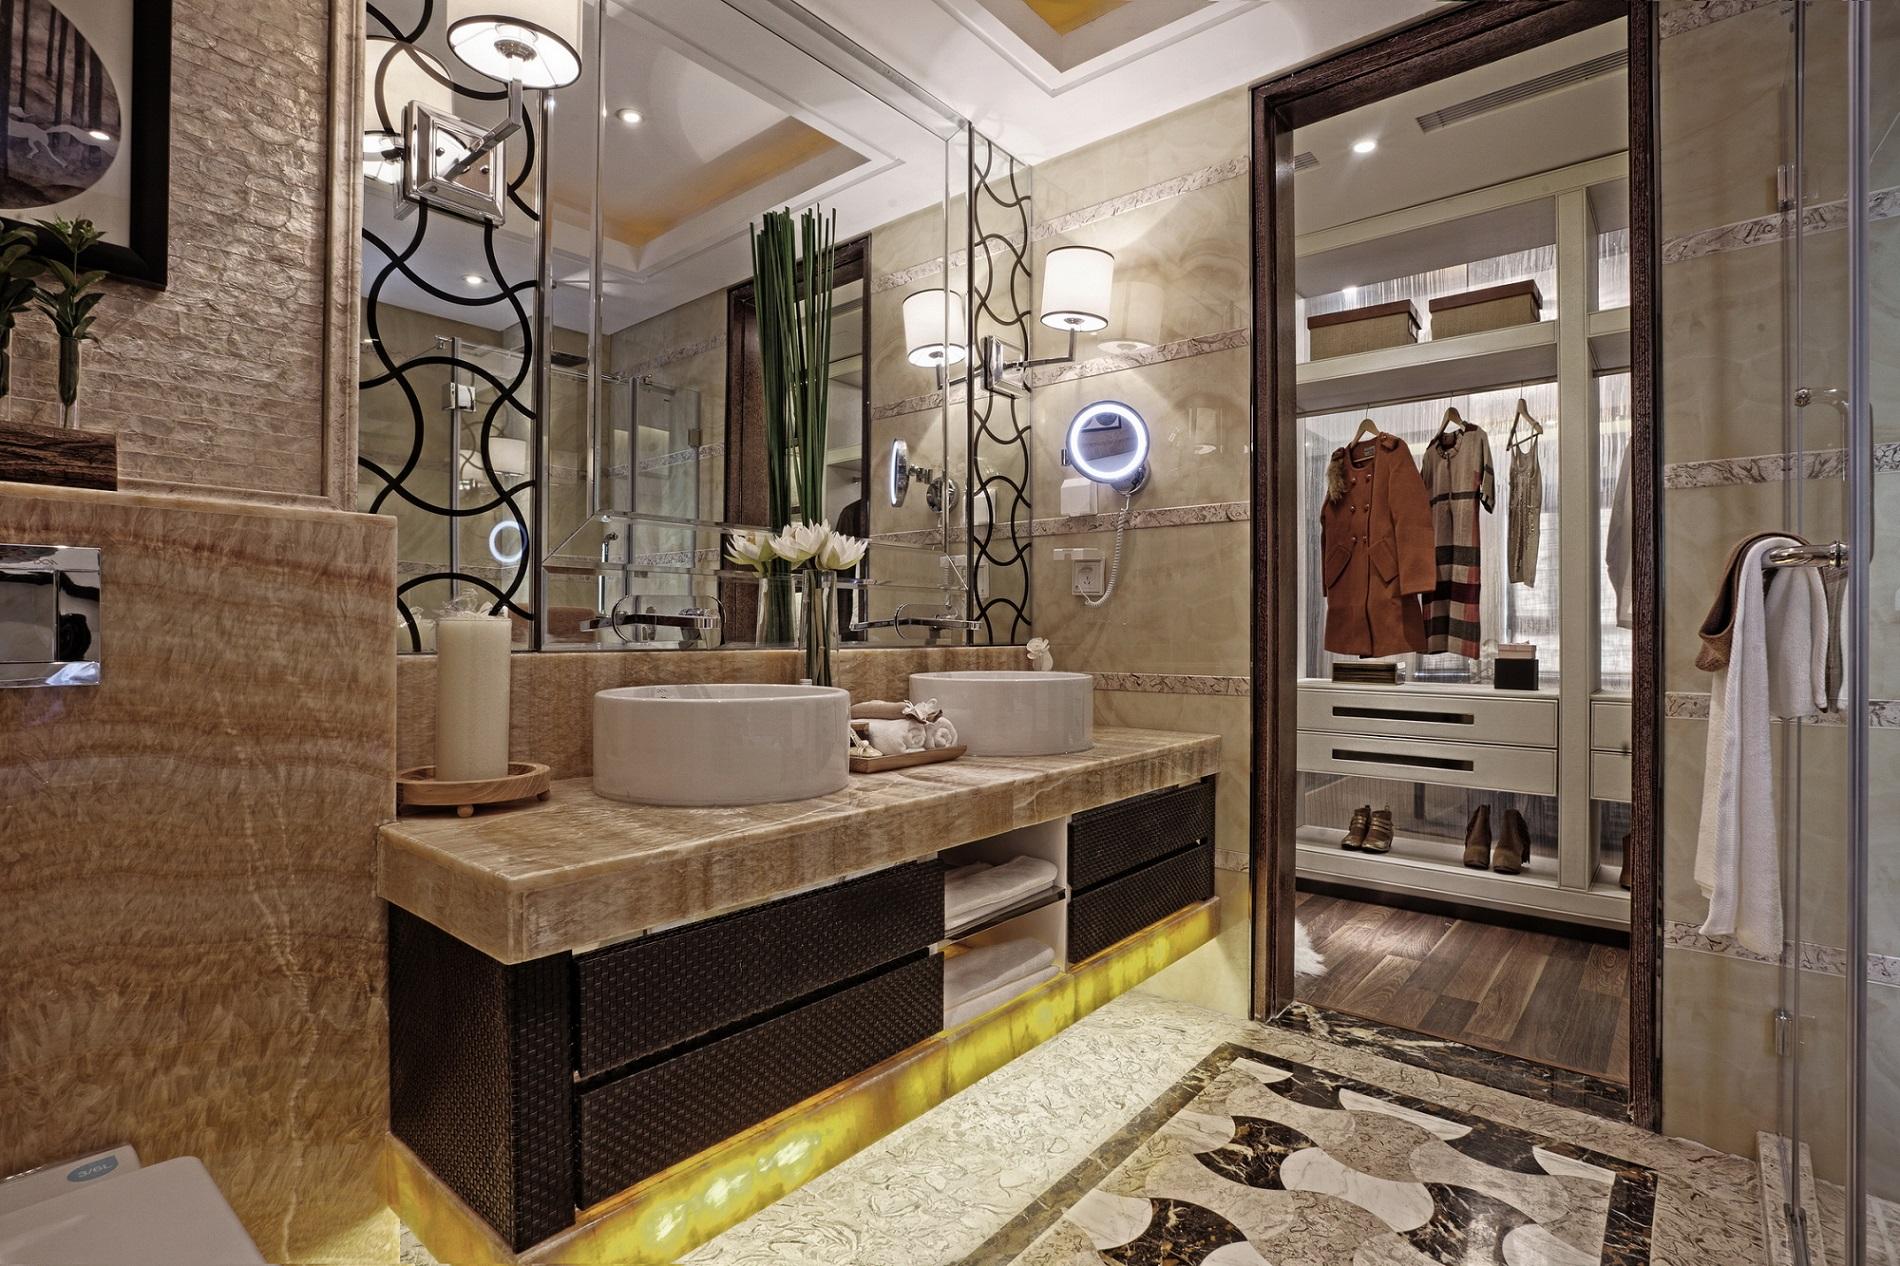 卫生间空间很大,又兼有衣帽间功能,洗漱换衣都非常方便,明黄色与咖色搭配,沉稳又美观。